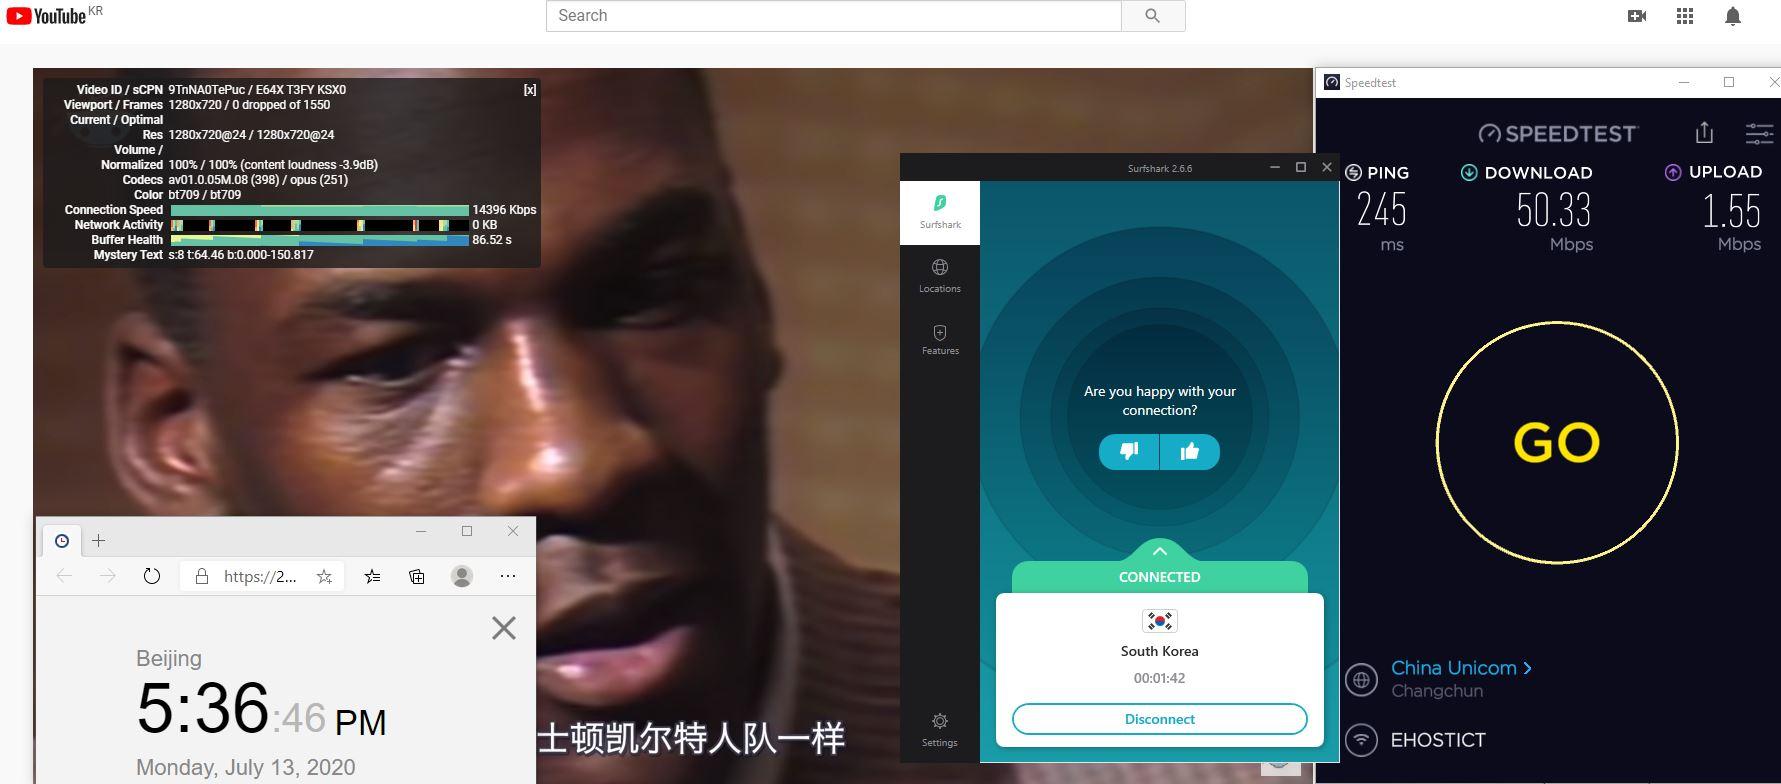 Windows10 SurfsharkVPN South Korea 中国VPN 翻墙 科学上网 测速-20200713